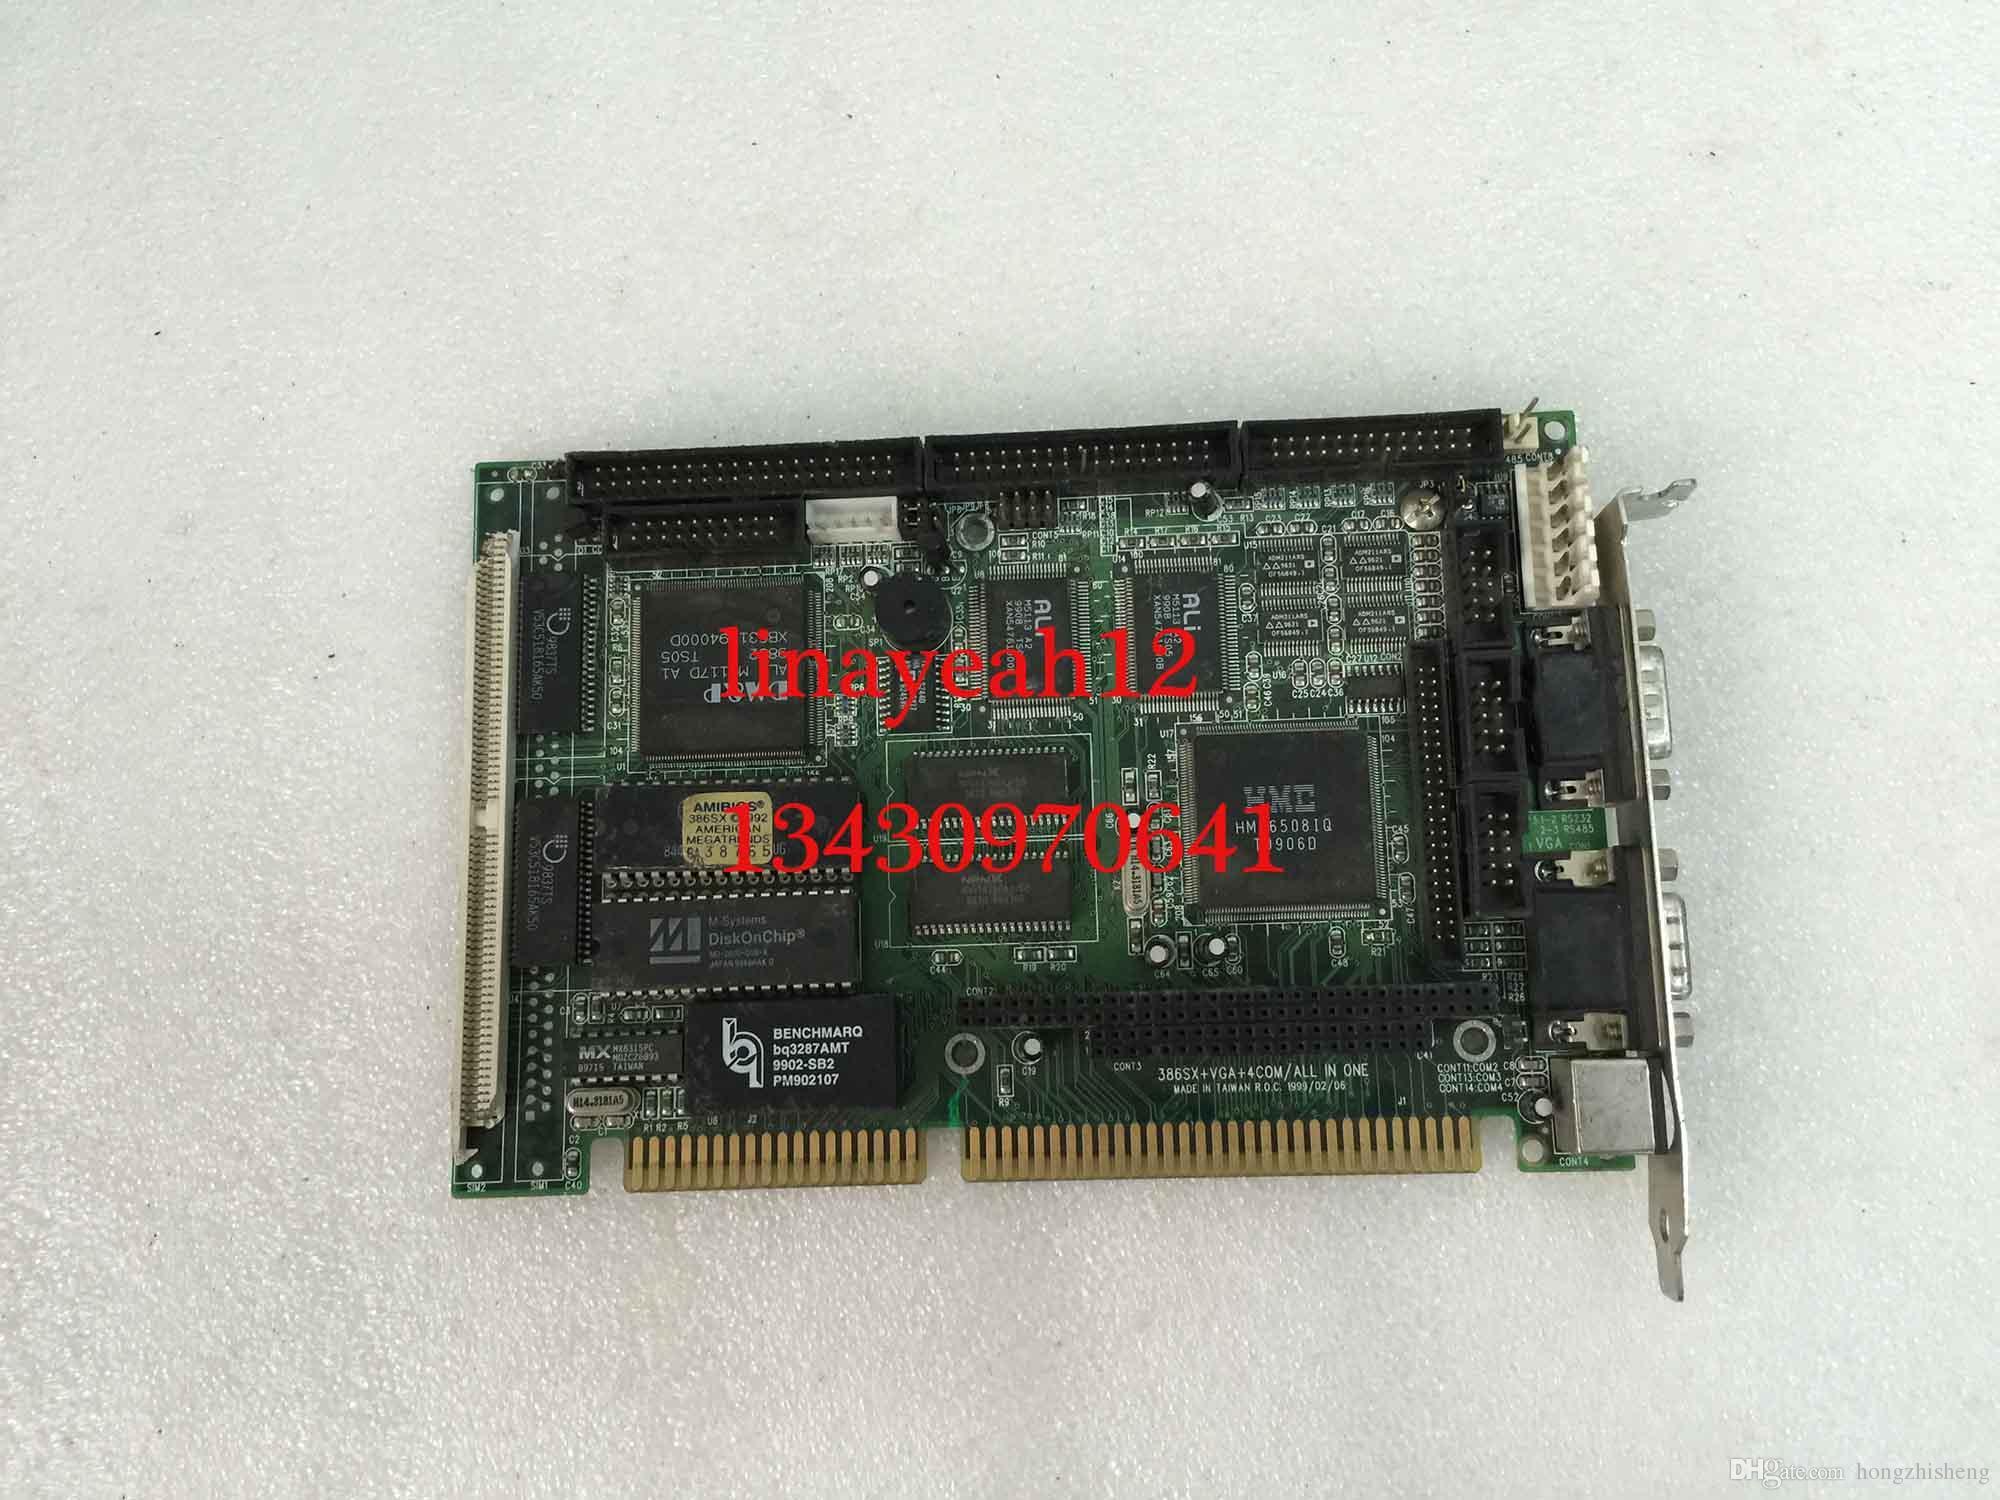 оригинальная PIA-639DV 386SX + VGA + 4COM / ALL IN ONE промышленная материнская плата протестирована работа